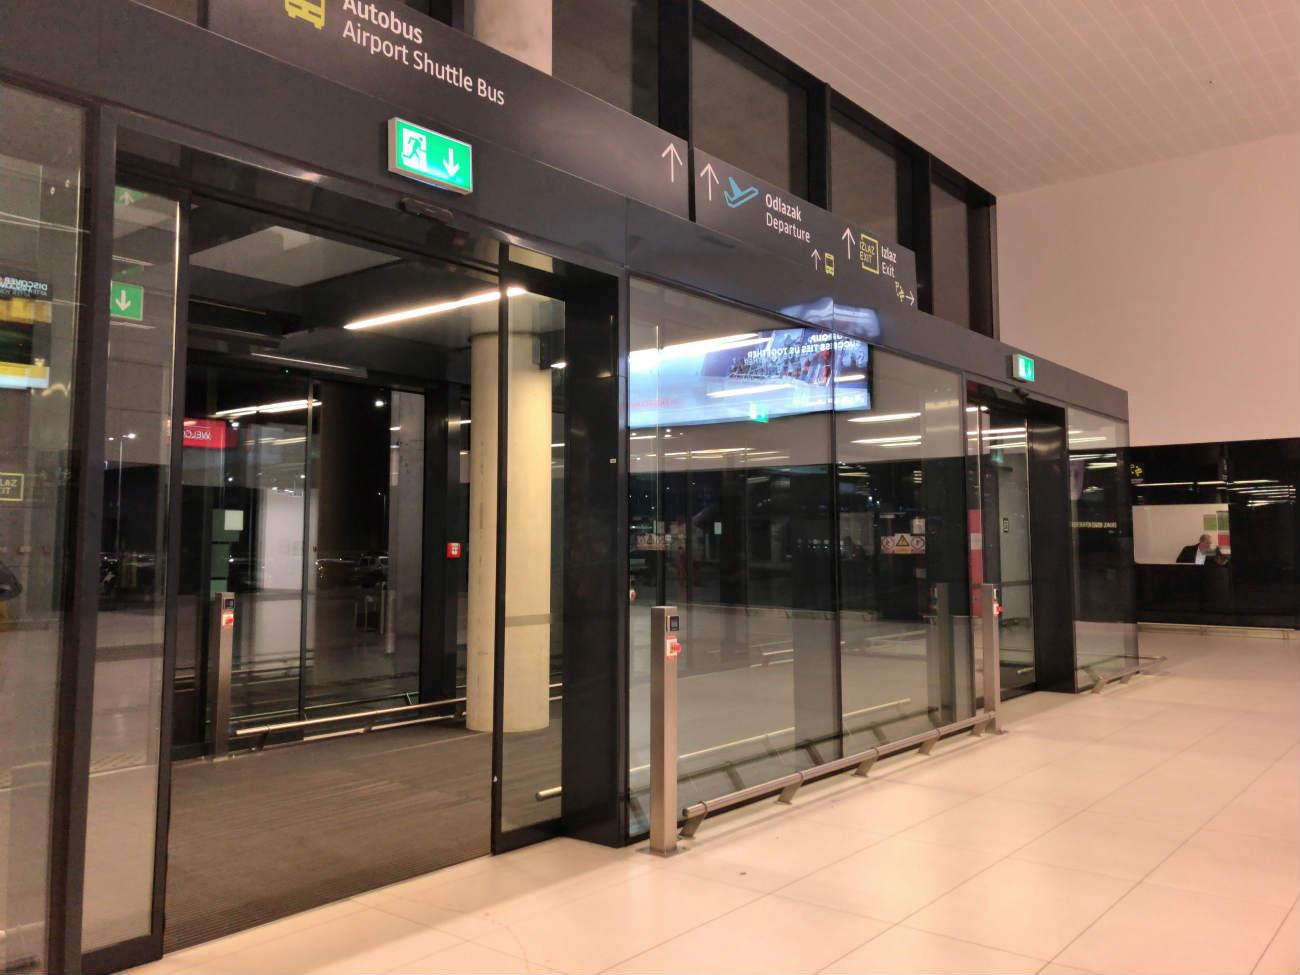 ザグレブ空港の到着口1階の出入り口